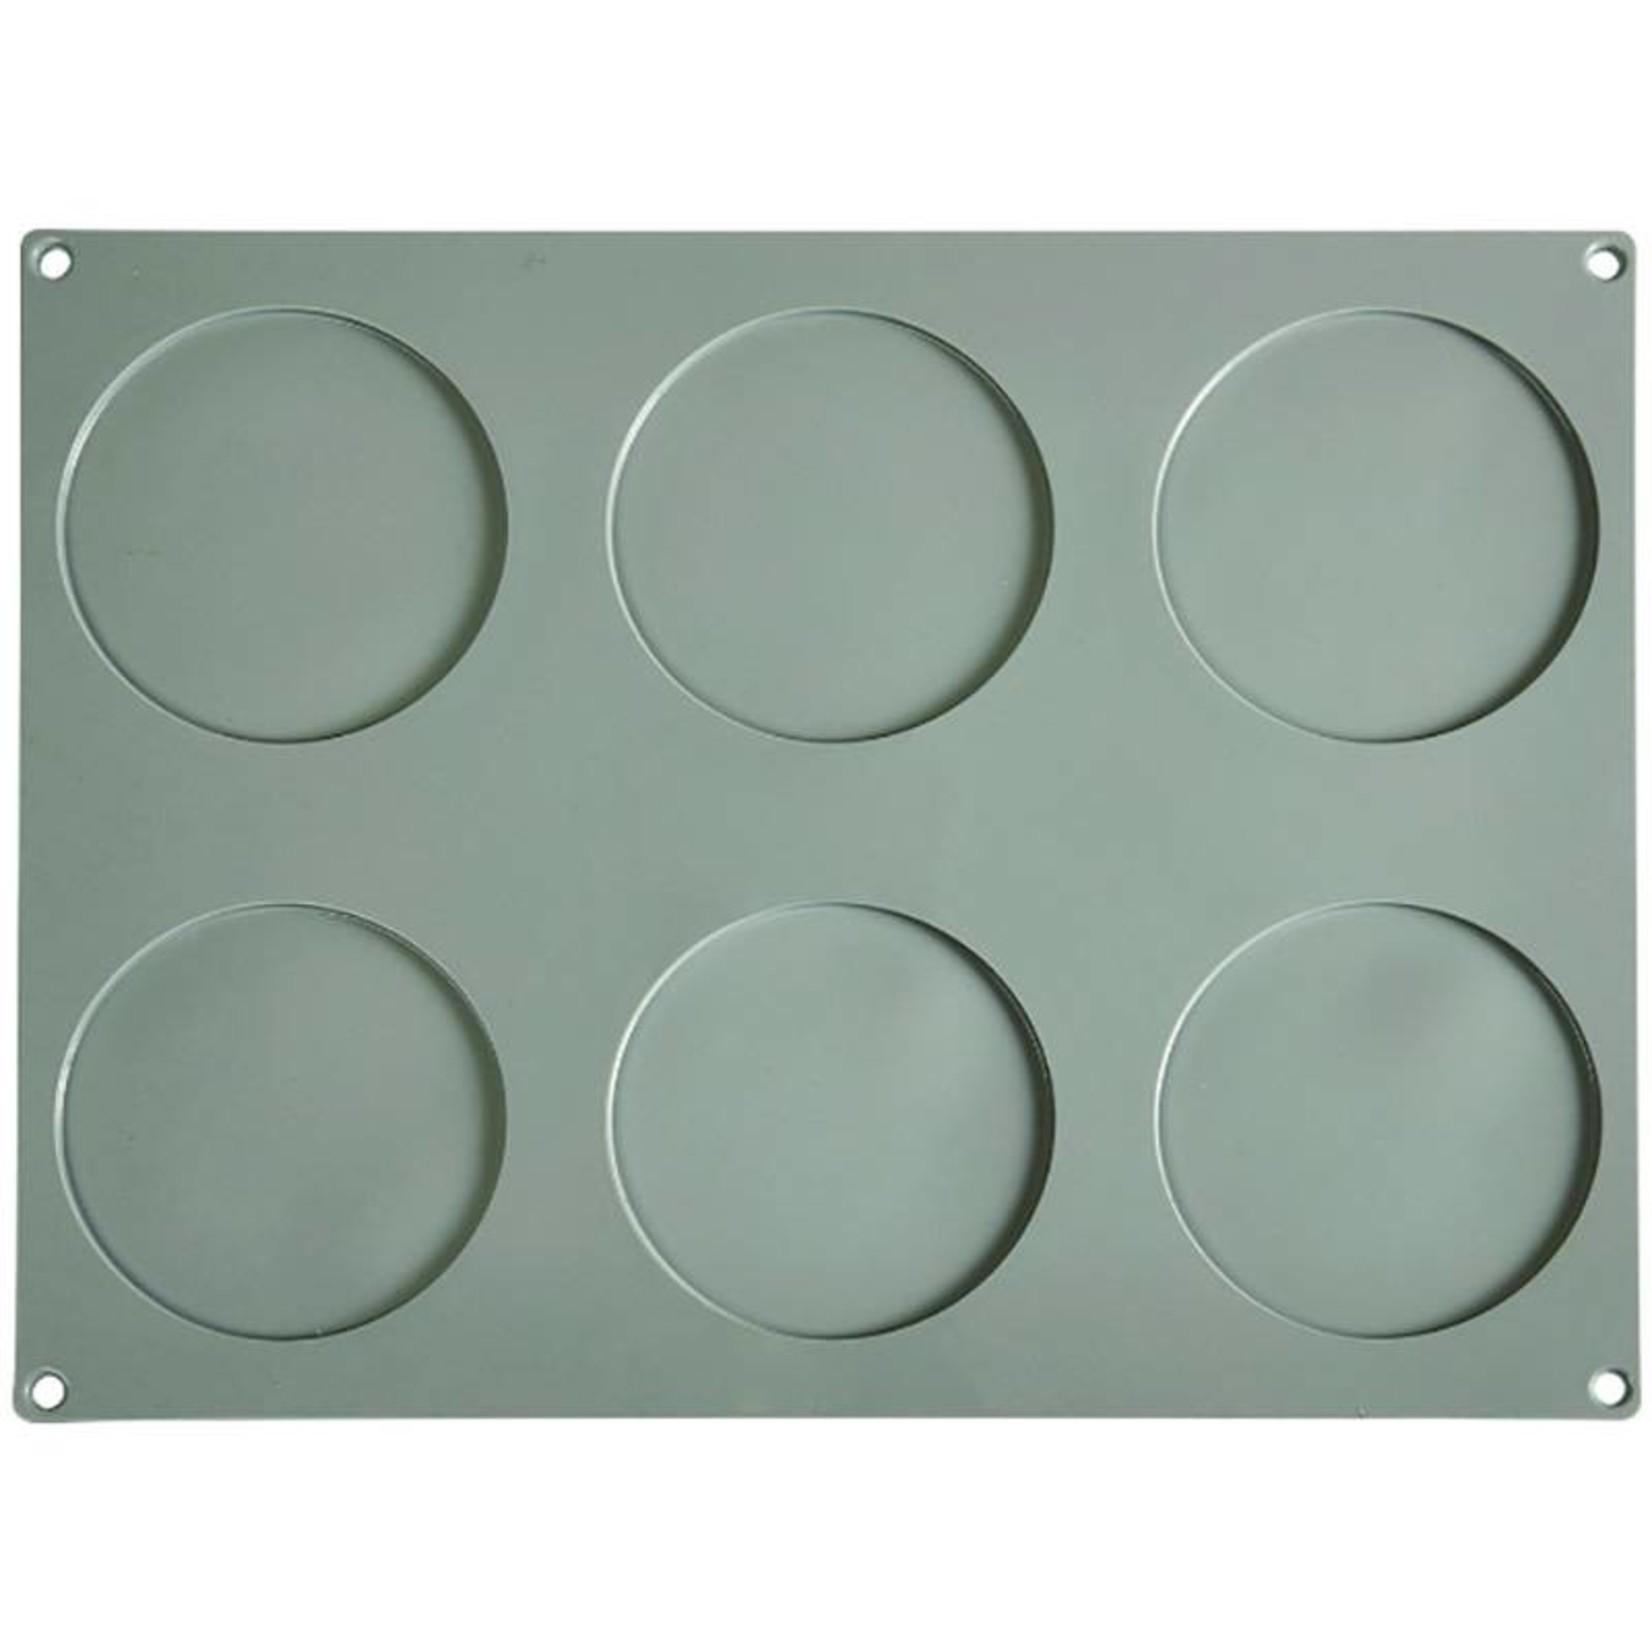 Pavoni Pavoni - Gourmand silicone mold, Disco Grande (6 cavity), GG003